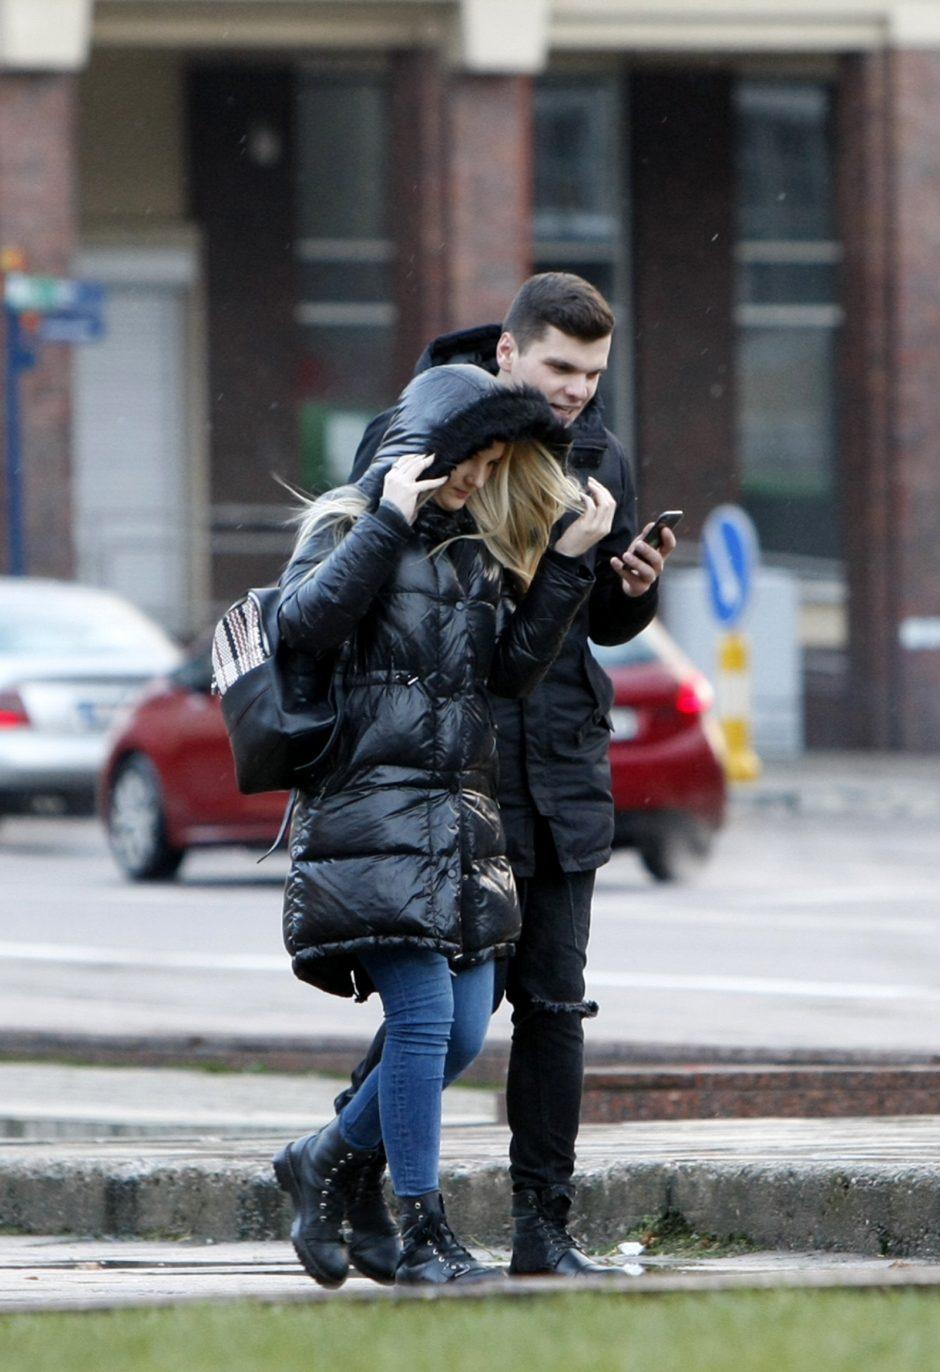 Gruodžio 11-oji – Klaipėdos diena